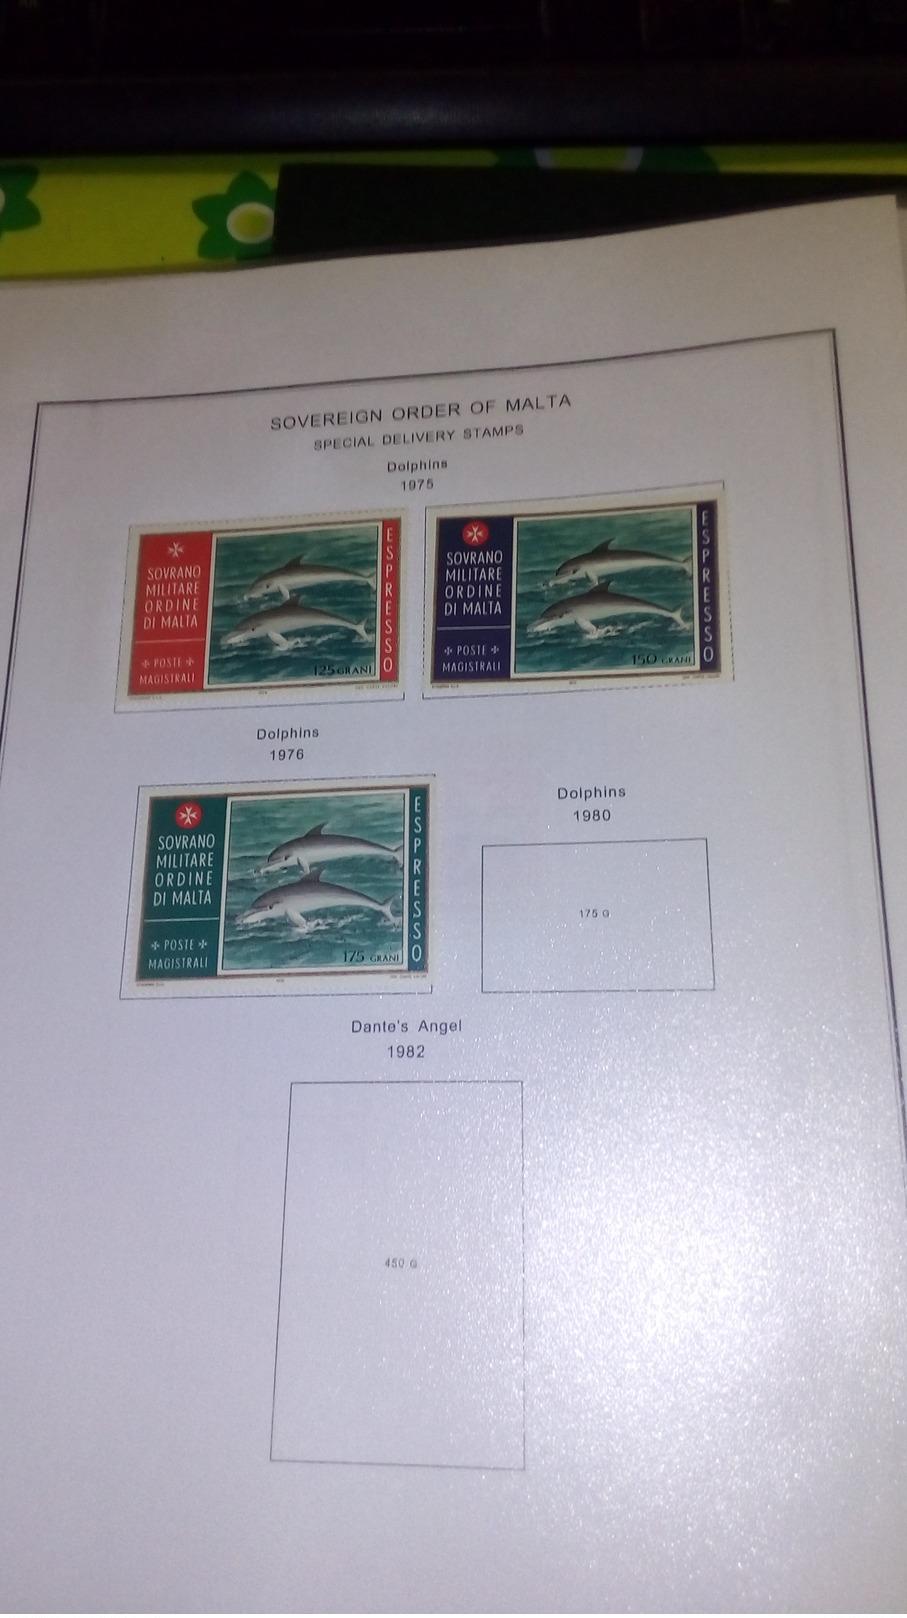 Smom 1966/1988 Stamps Collection In Album Scott.Nuovi See Scans - Sovrano Militare Ordine Di Malta